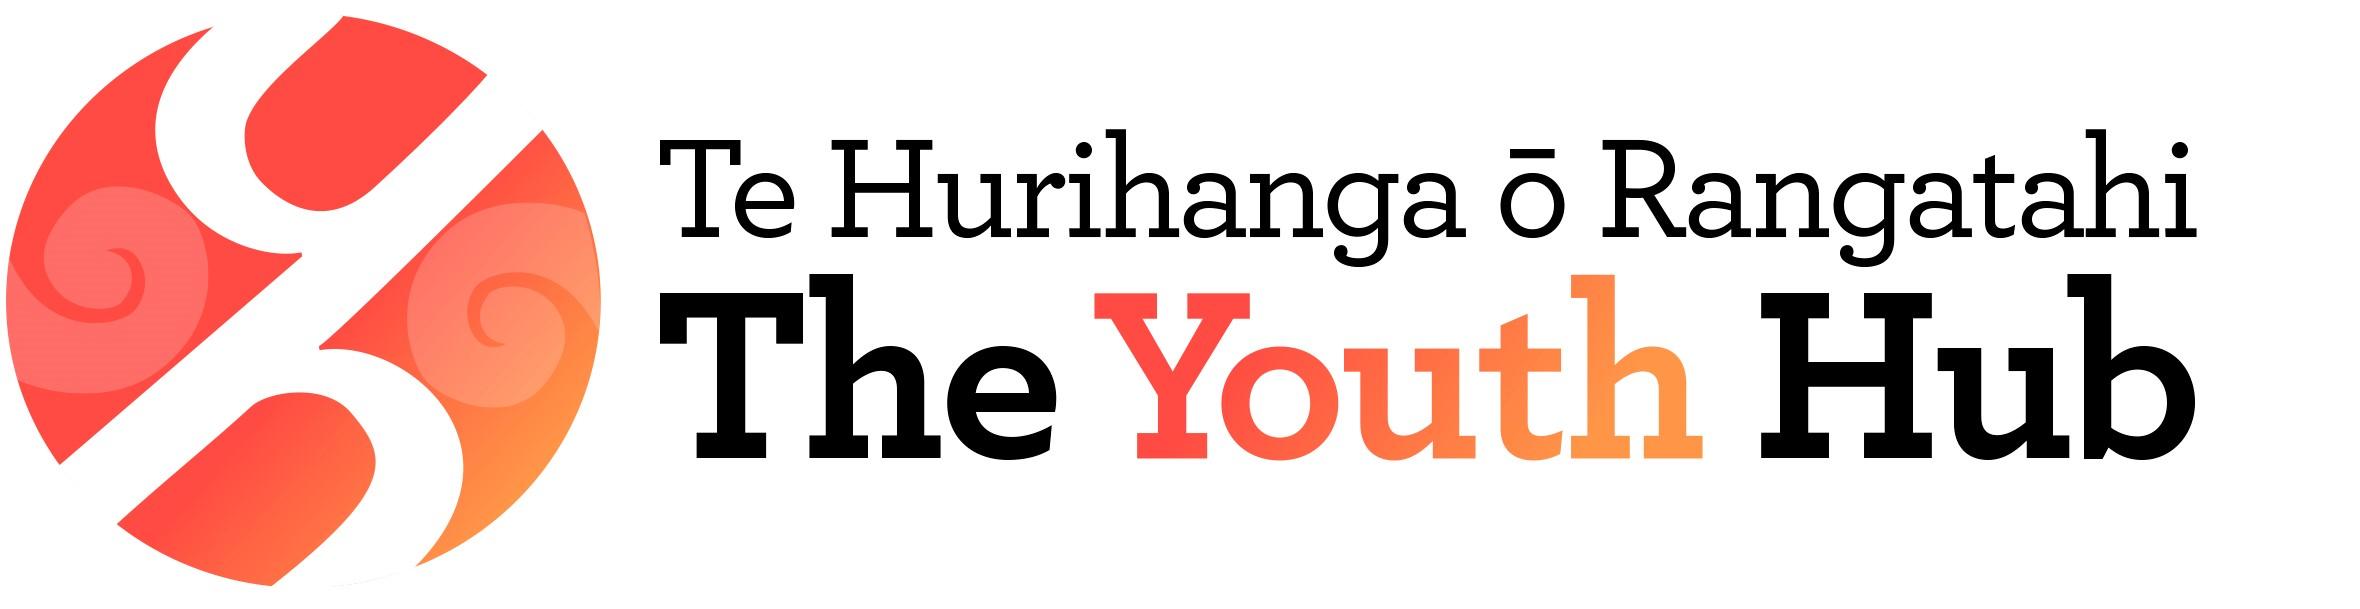 Youth Hub CHCH